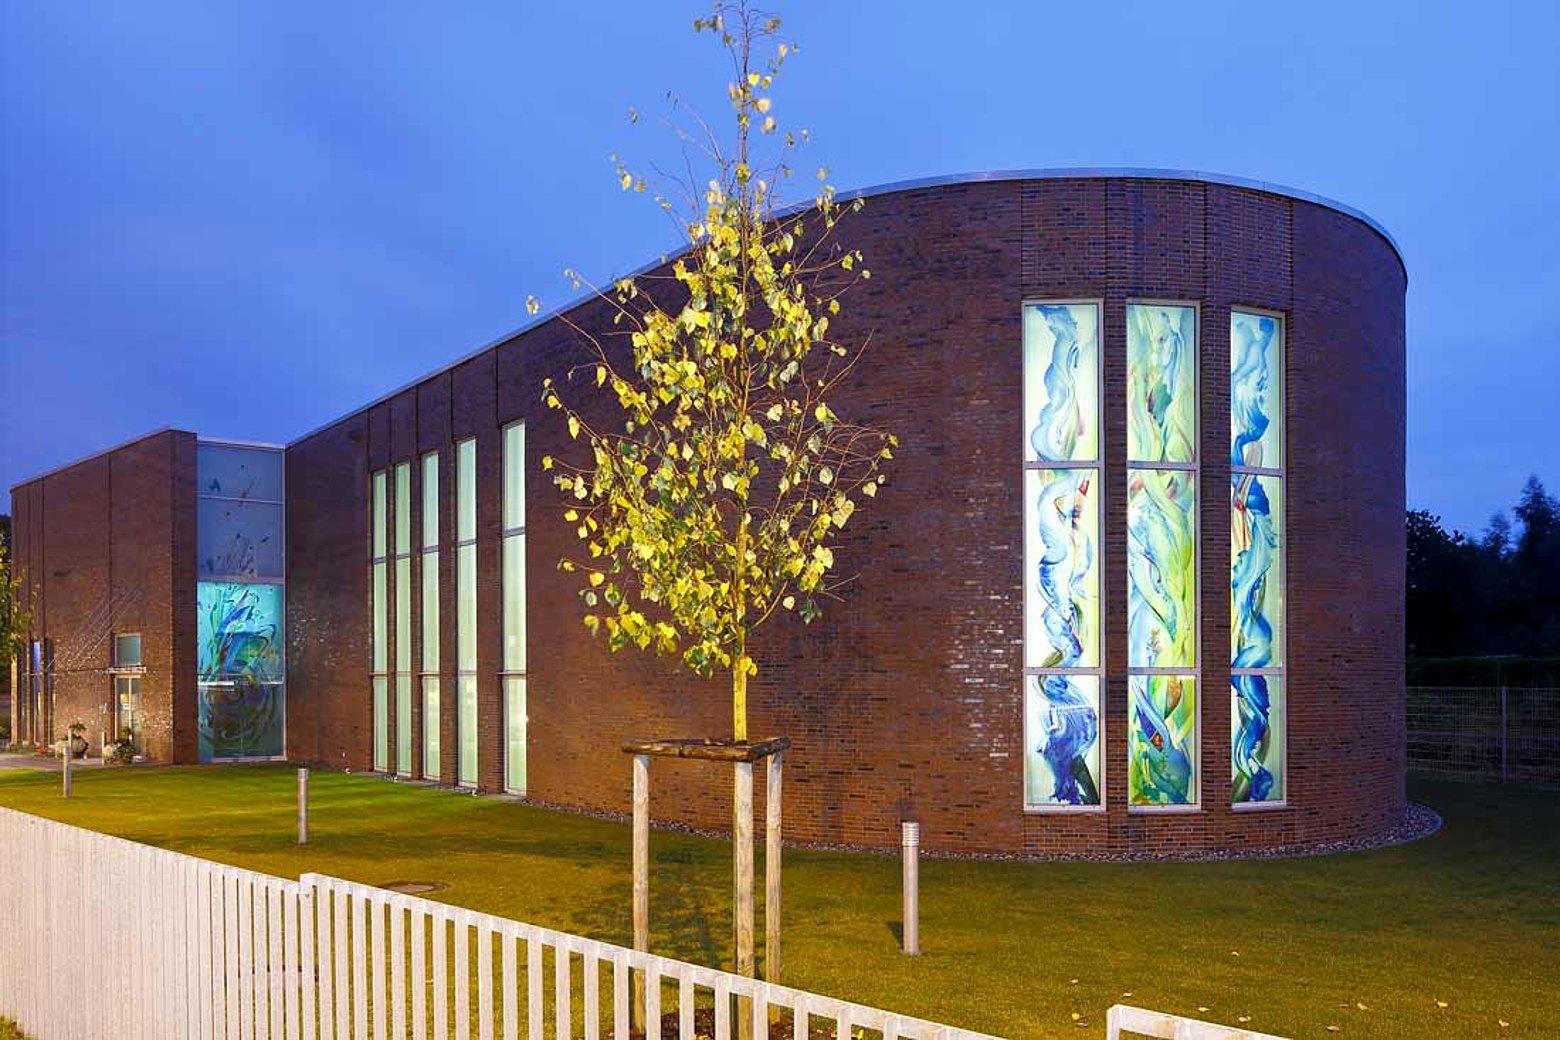 Wärmegedämmte Türen und Verglasungen aus Stahl. Verwendet wurden die Profilsysteme forster unico und forster thermfix vario. Neuapostolische Kirche in Rostock, Deutschland